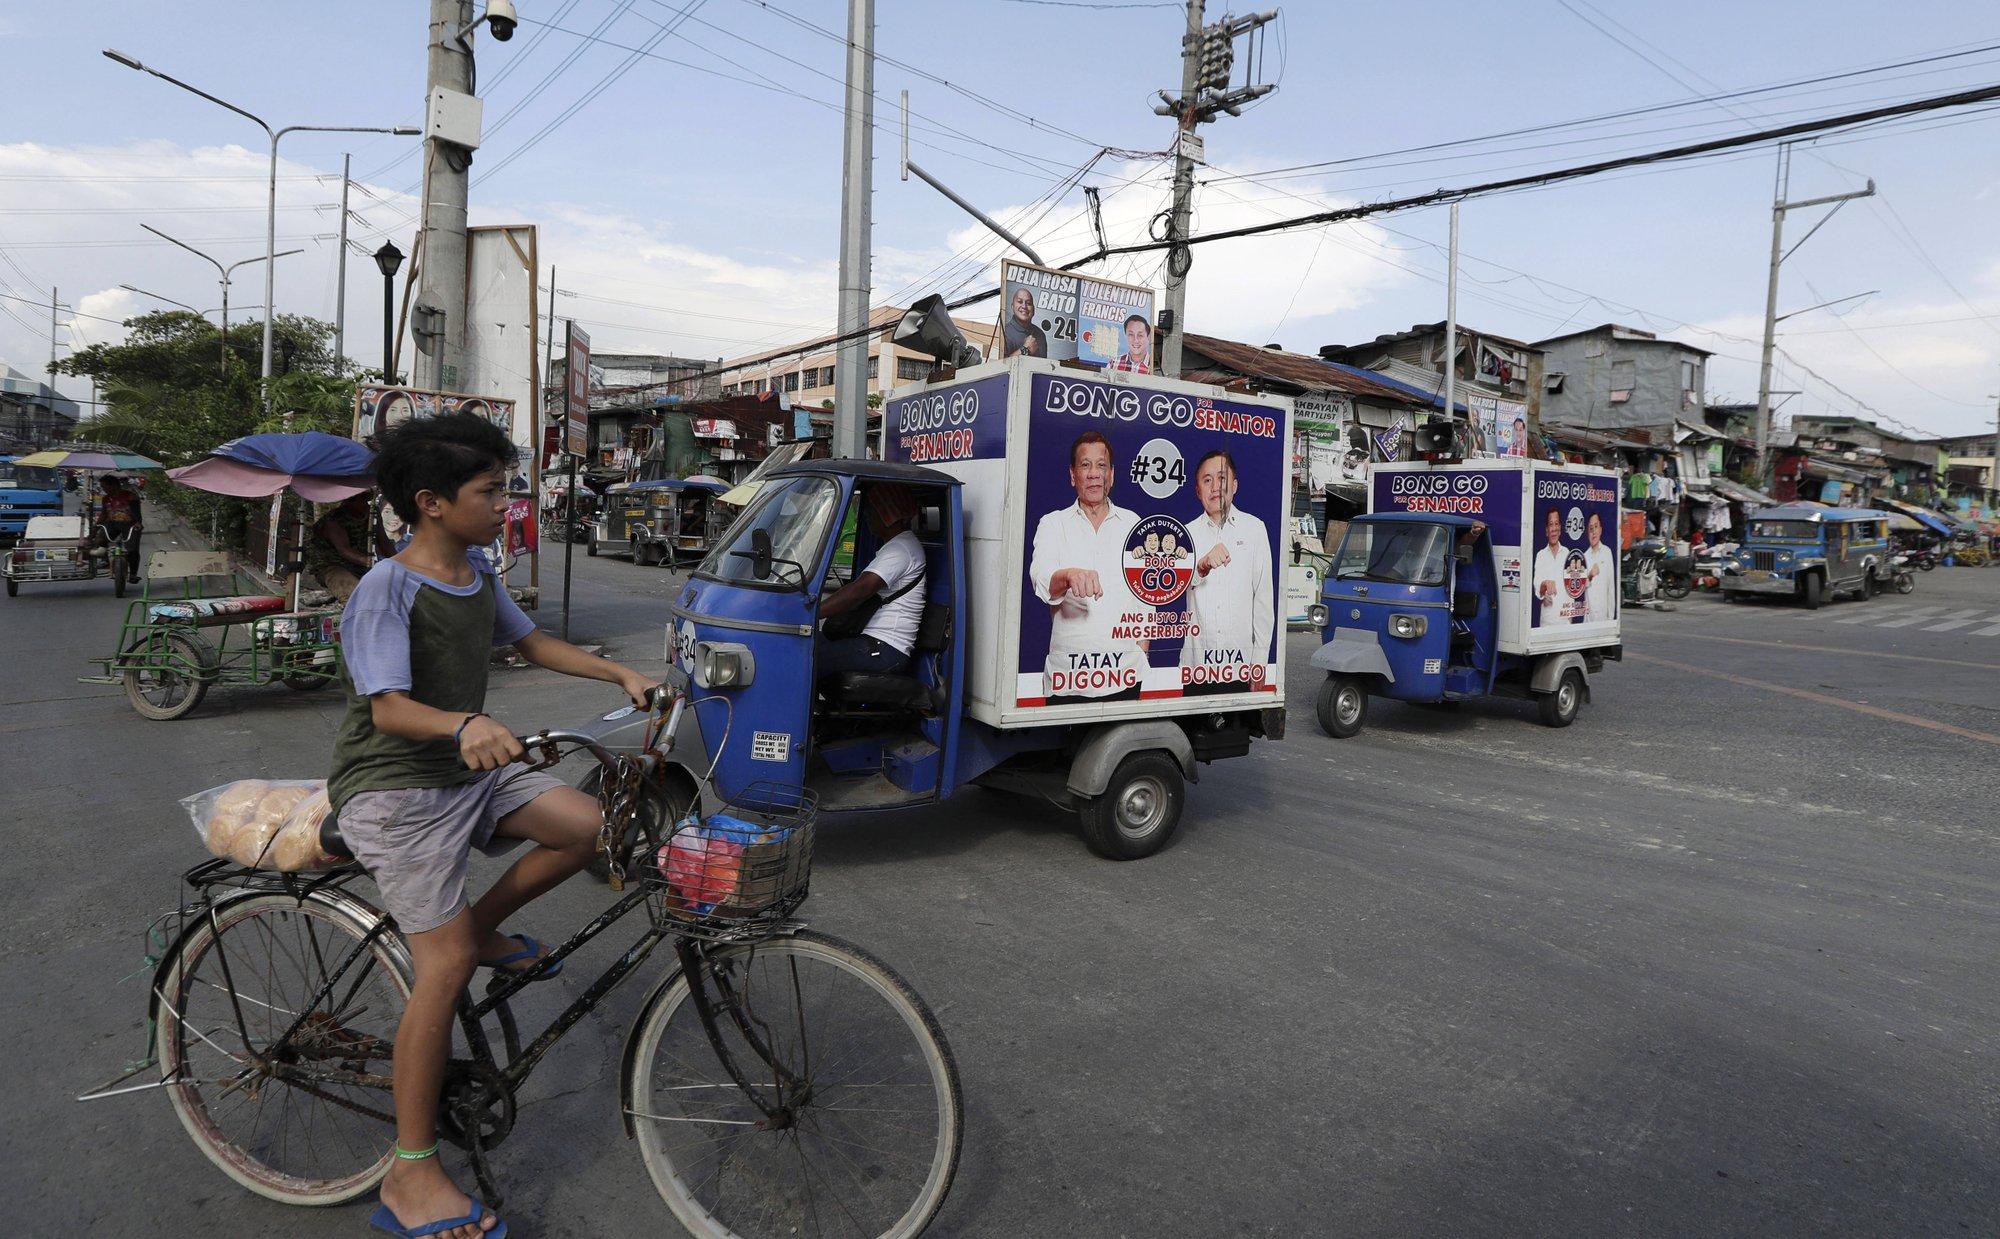 Duterte allies seek to dominate Philippine midterm polls